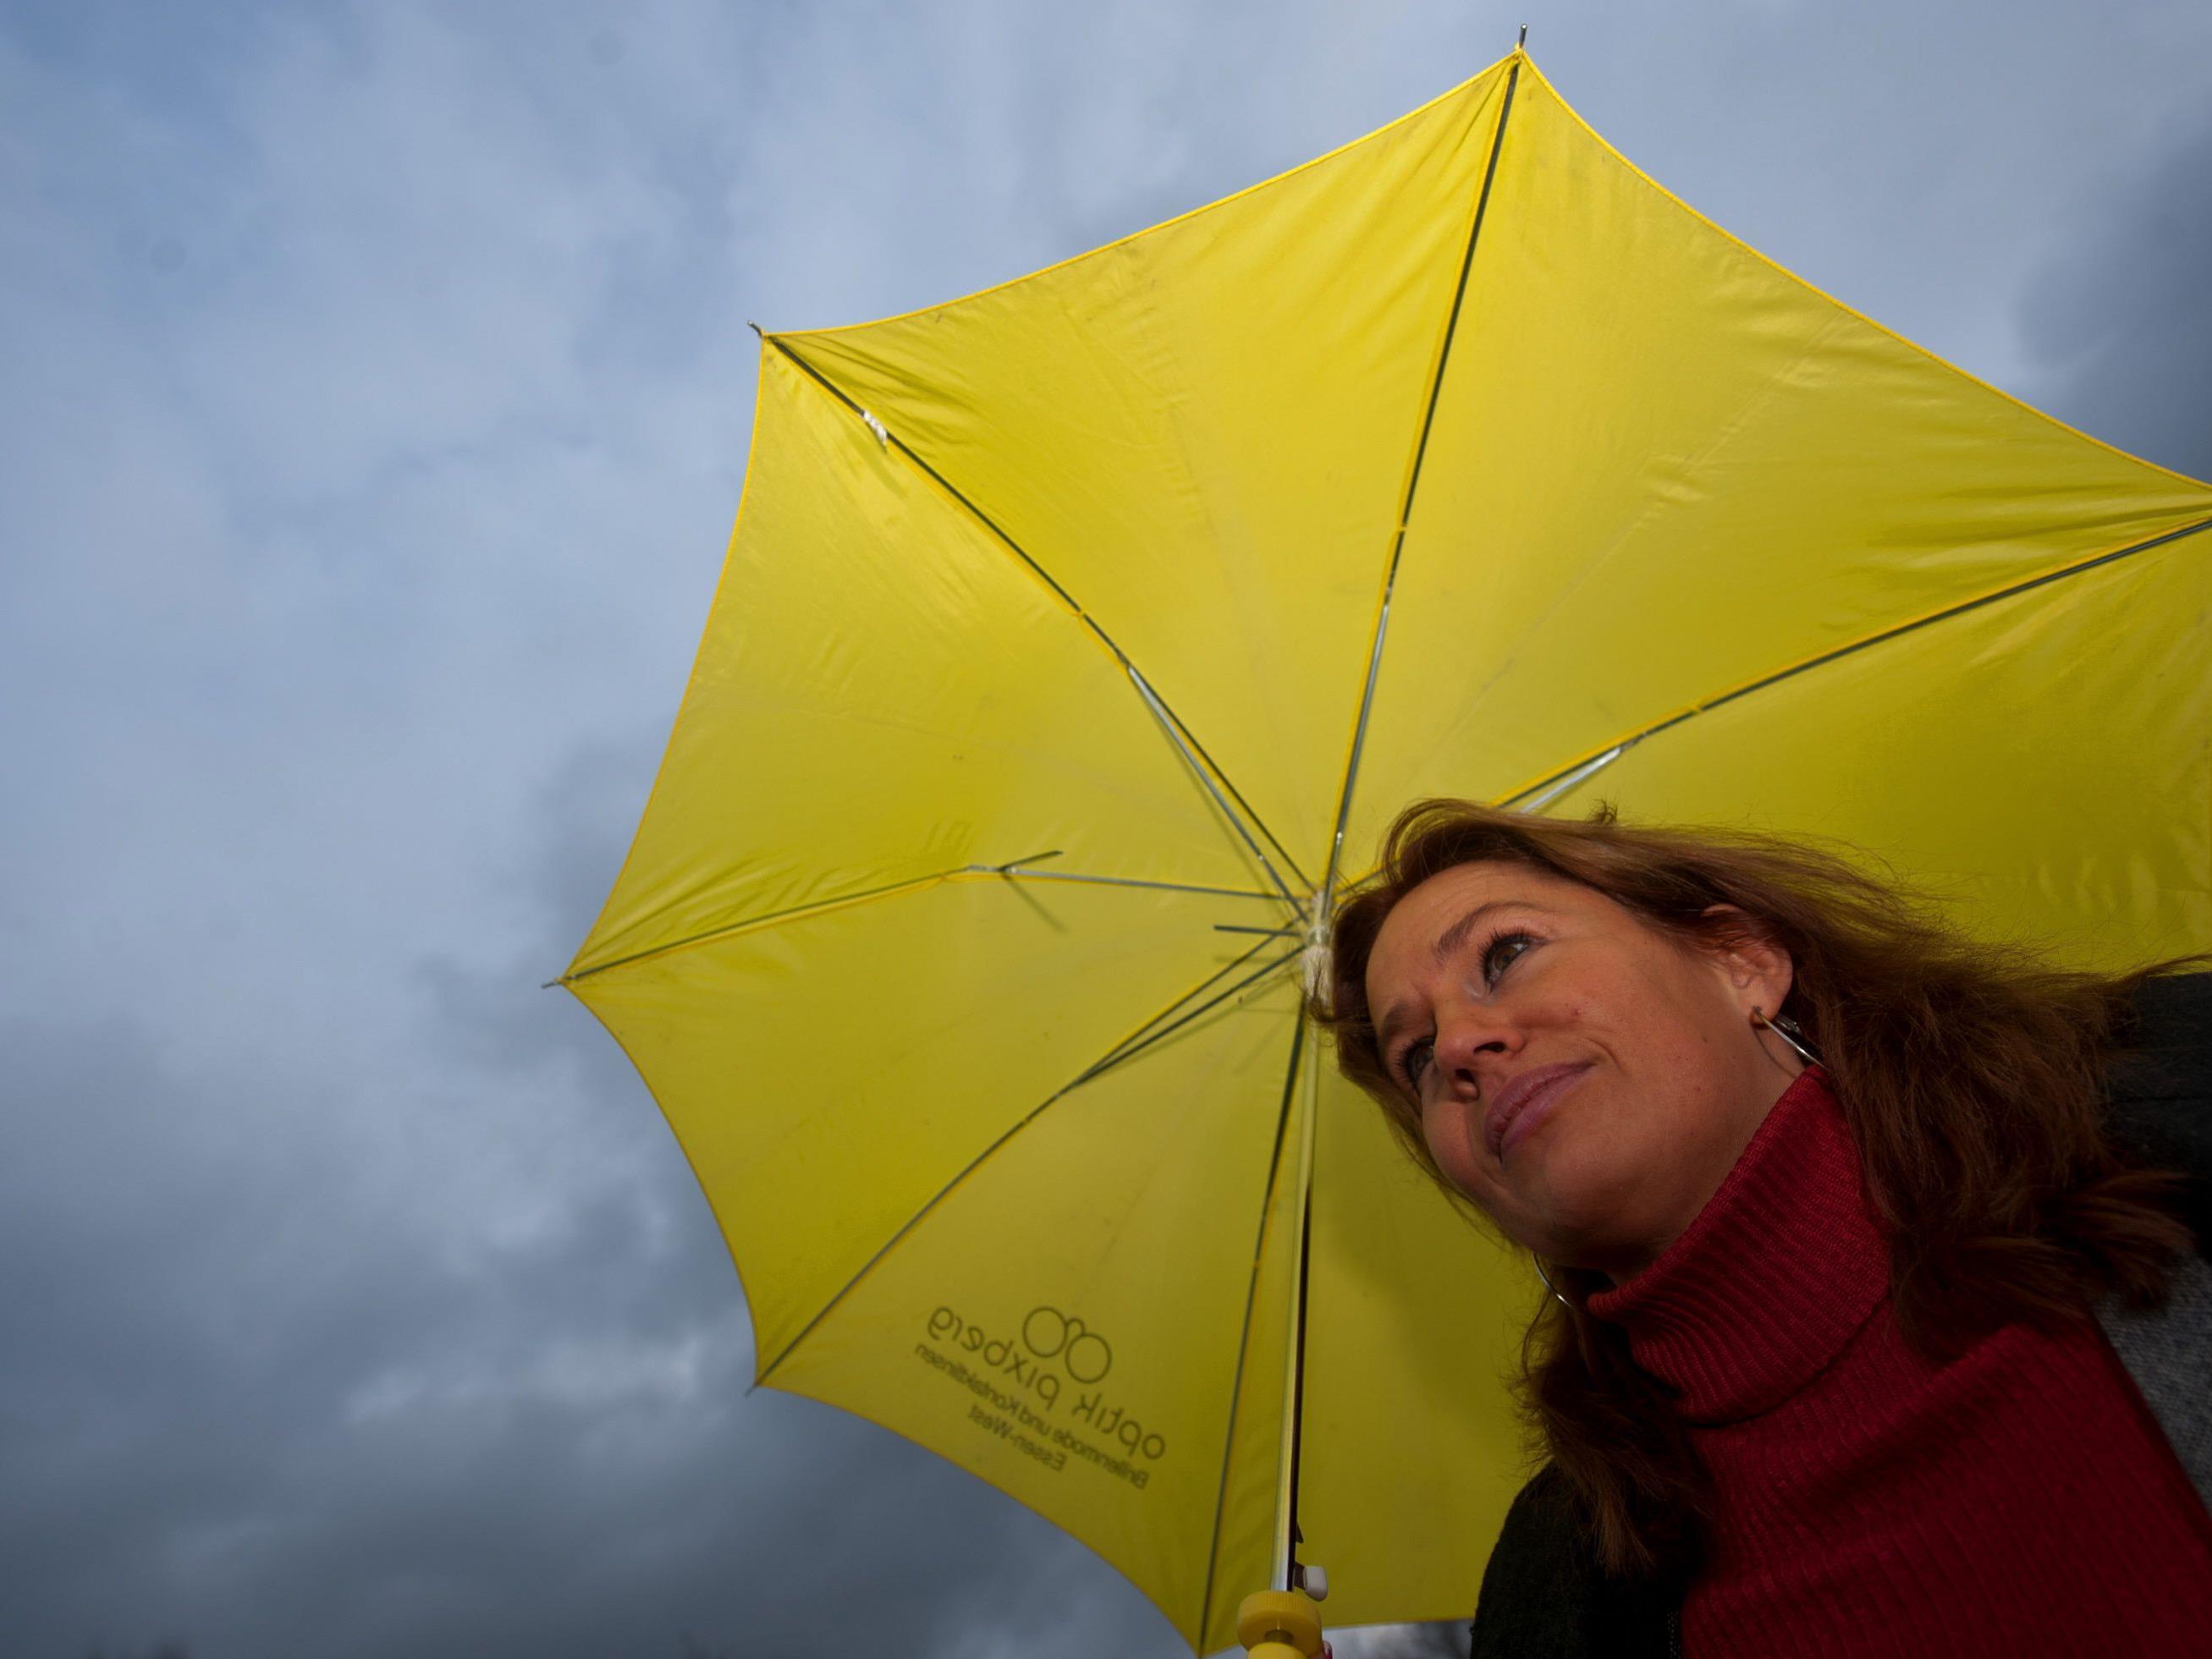 """Regen, Schnee, Sonnenschein, Sturm - alles im """"grünen Bereich""""?"""